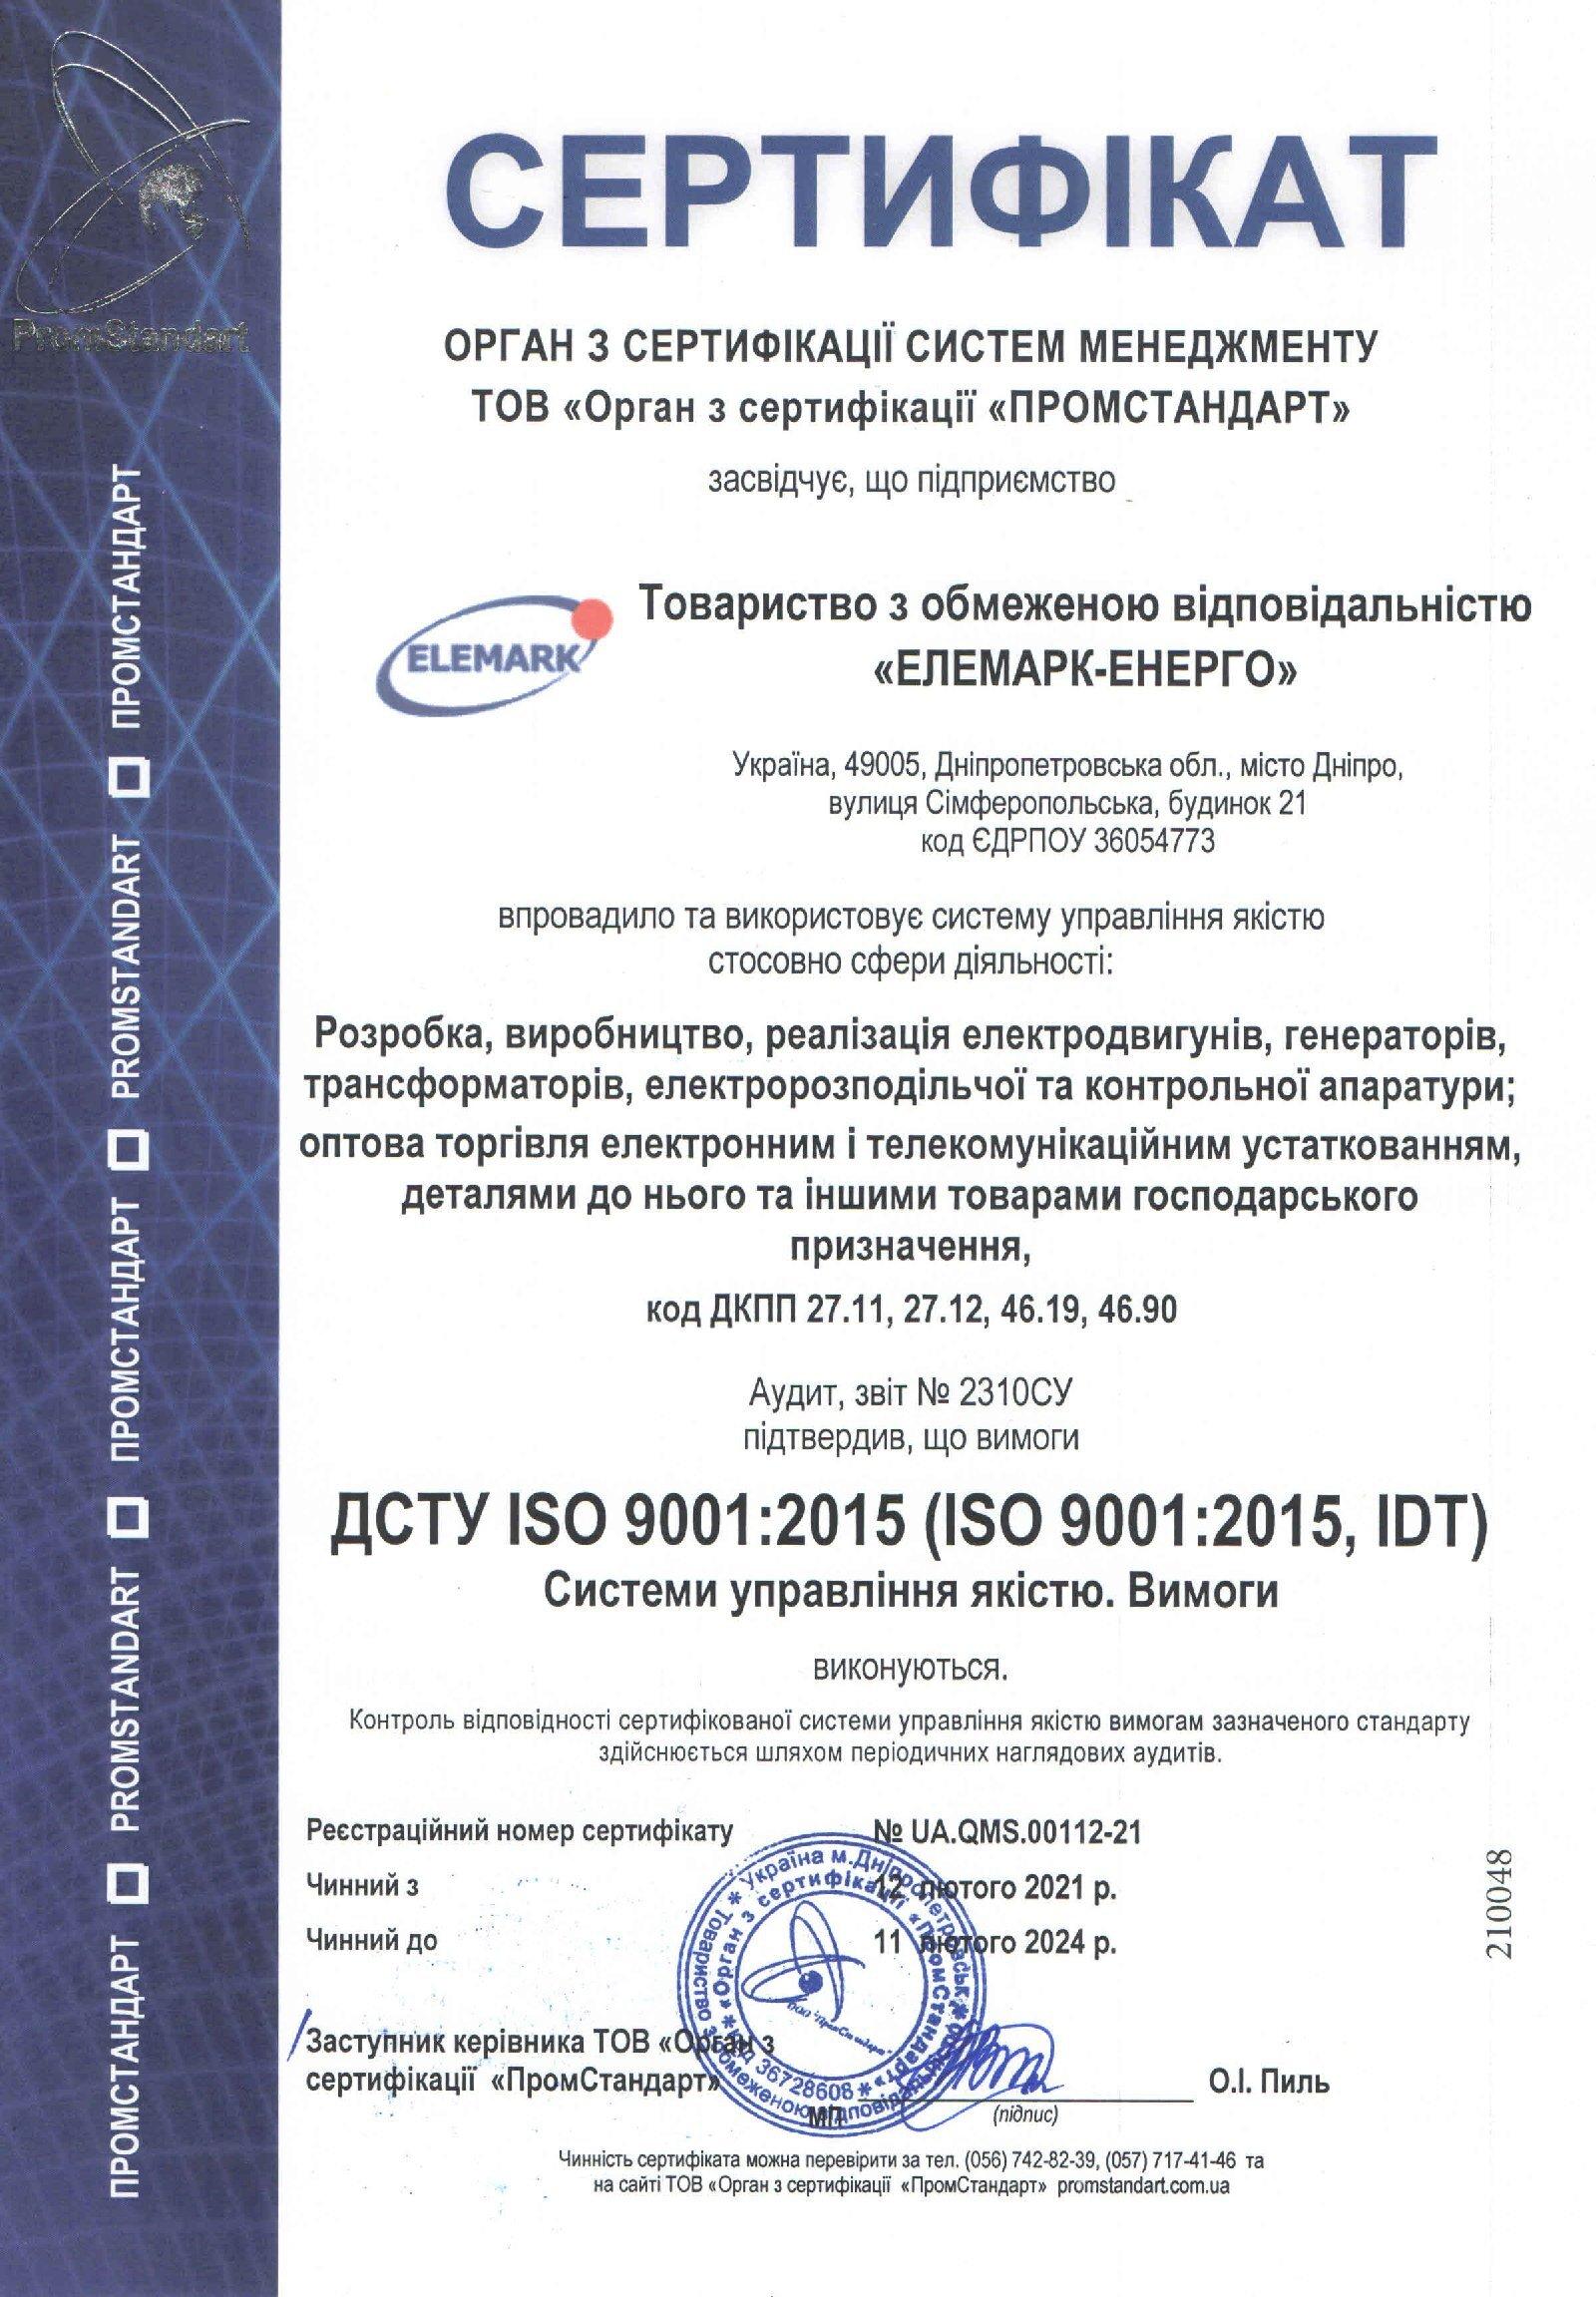 СЕРТИФІКАТ - 9001